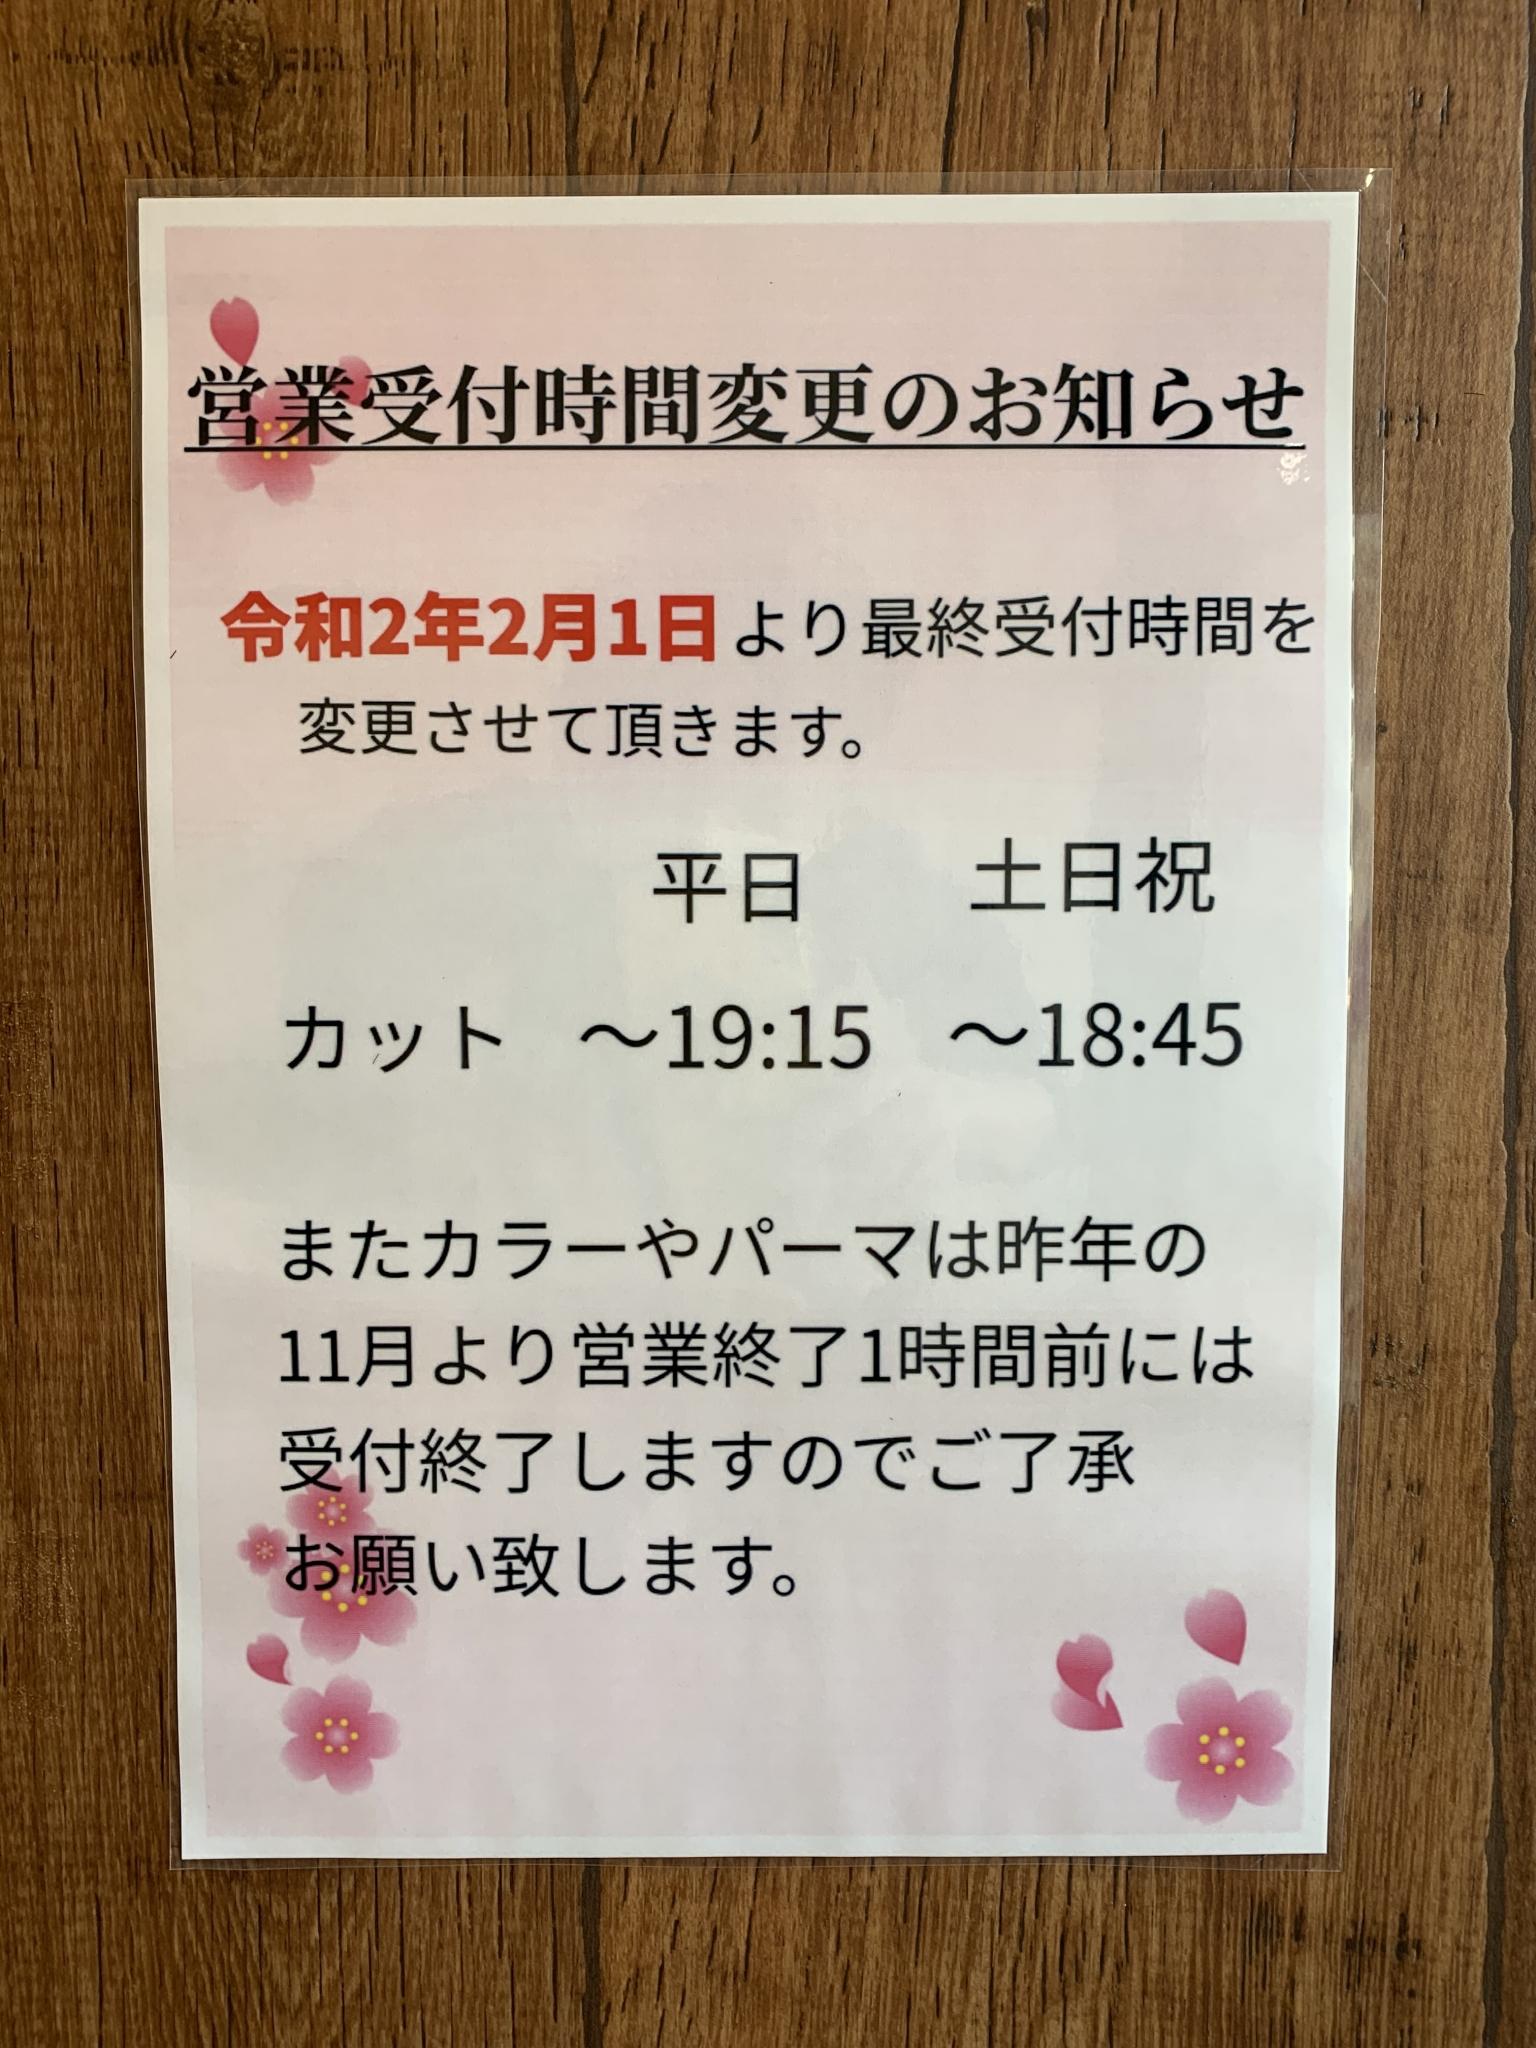 〜受付時間のお知らせ〜